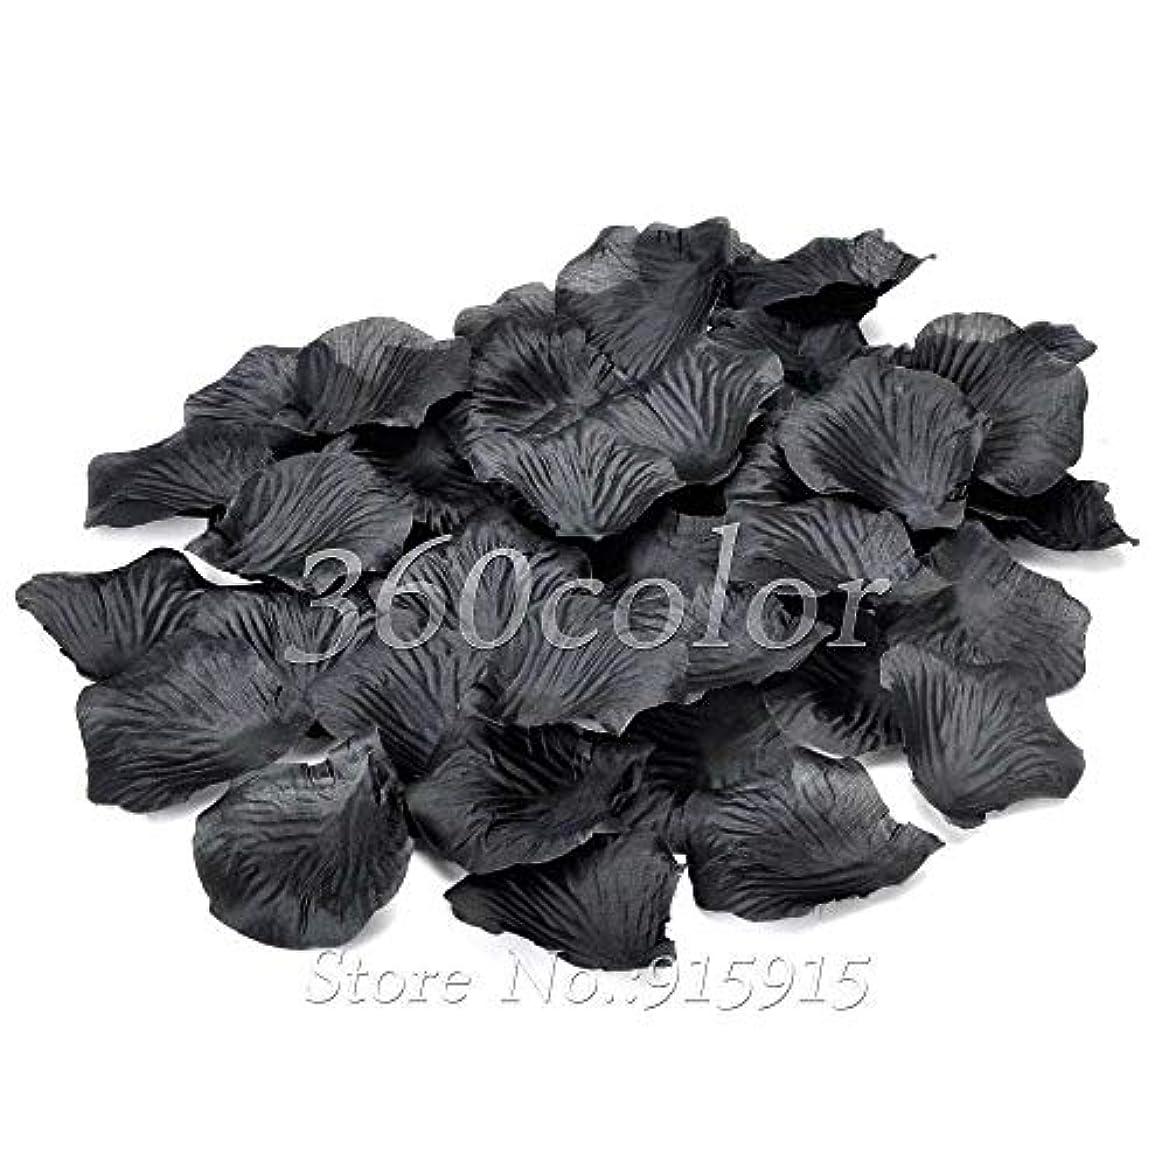 残酷宙返りラリーAnnacboy 100pcsシルクバラの花びら表紙吹雪造花のベビーシャワーの工芸ウェディングパーティーイベントデコレーション用品結婚 (Color : Black)